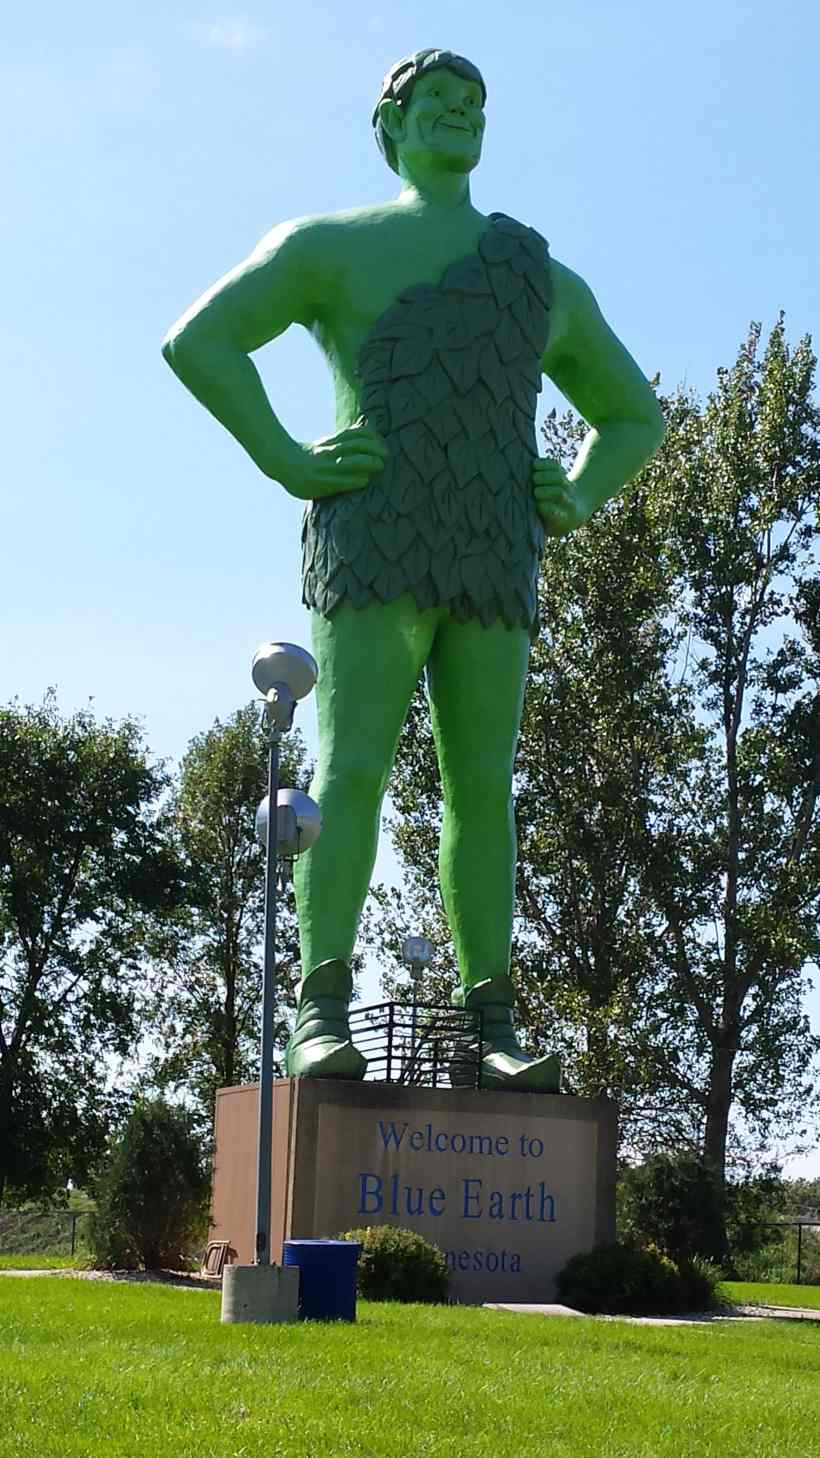 Jolly Green Giant, Blue Earth Minneaots